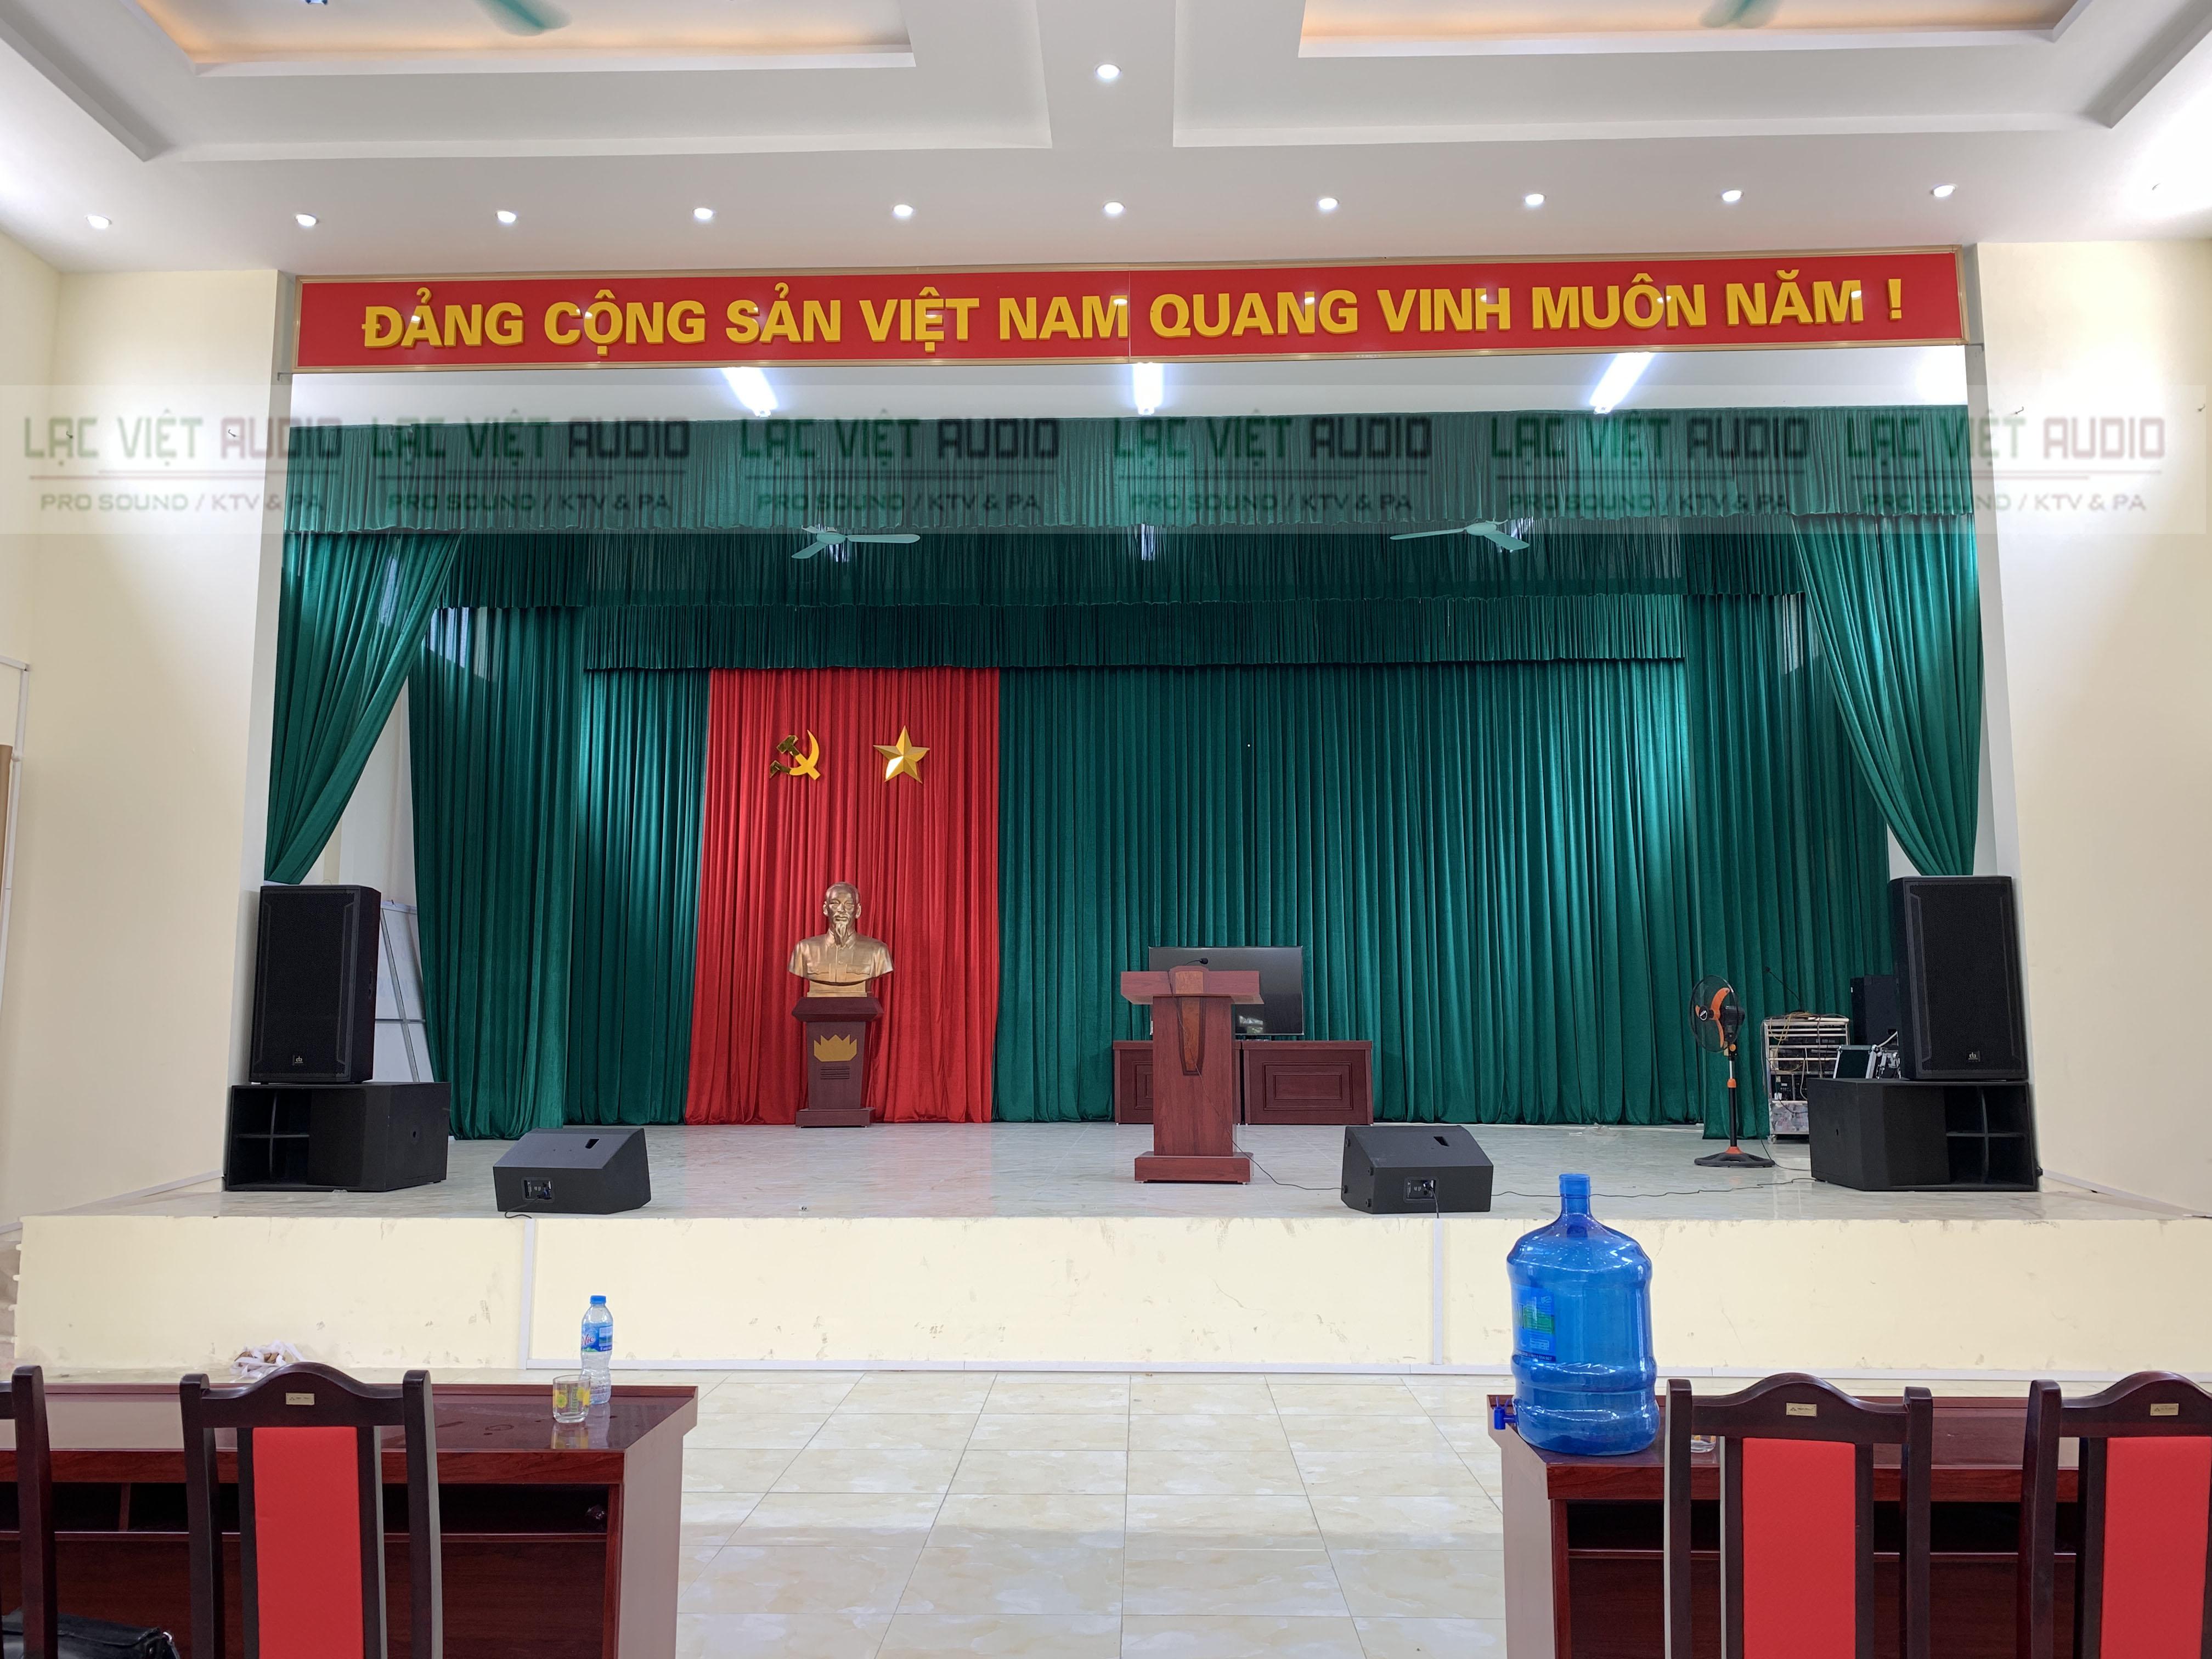 Hệ thống âm thanh cho hội trường UBND huyện Thạch Thất